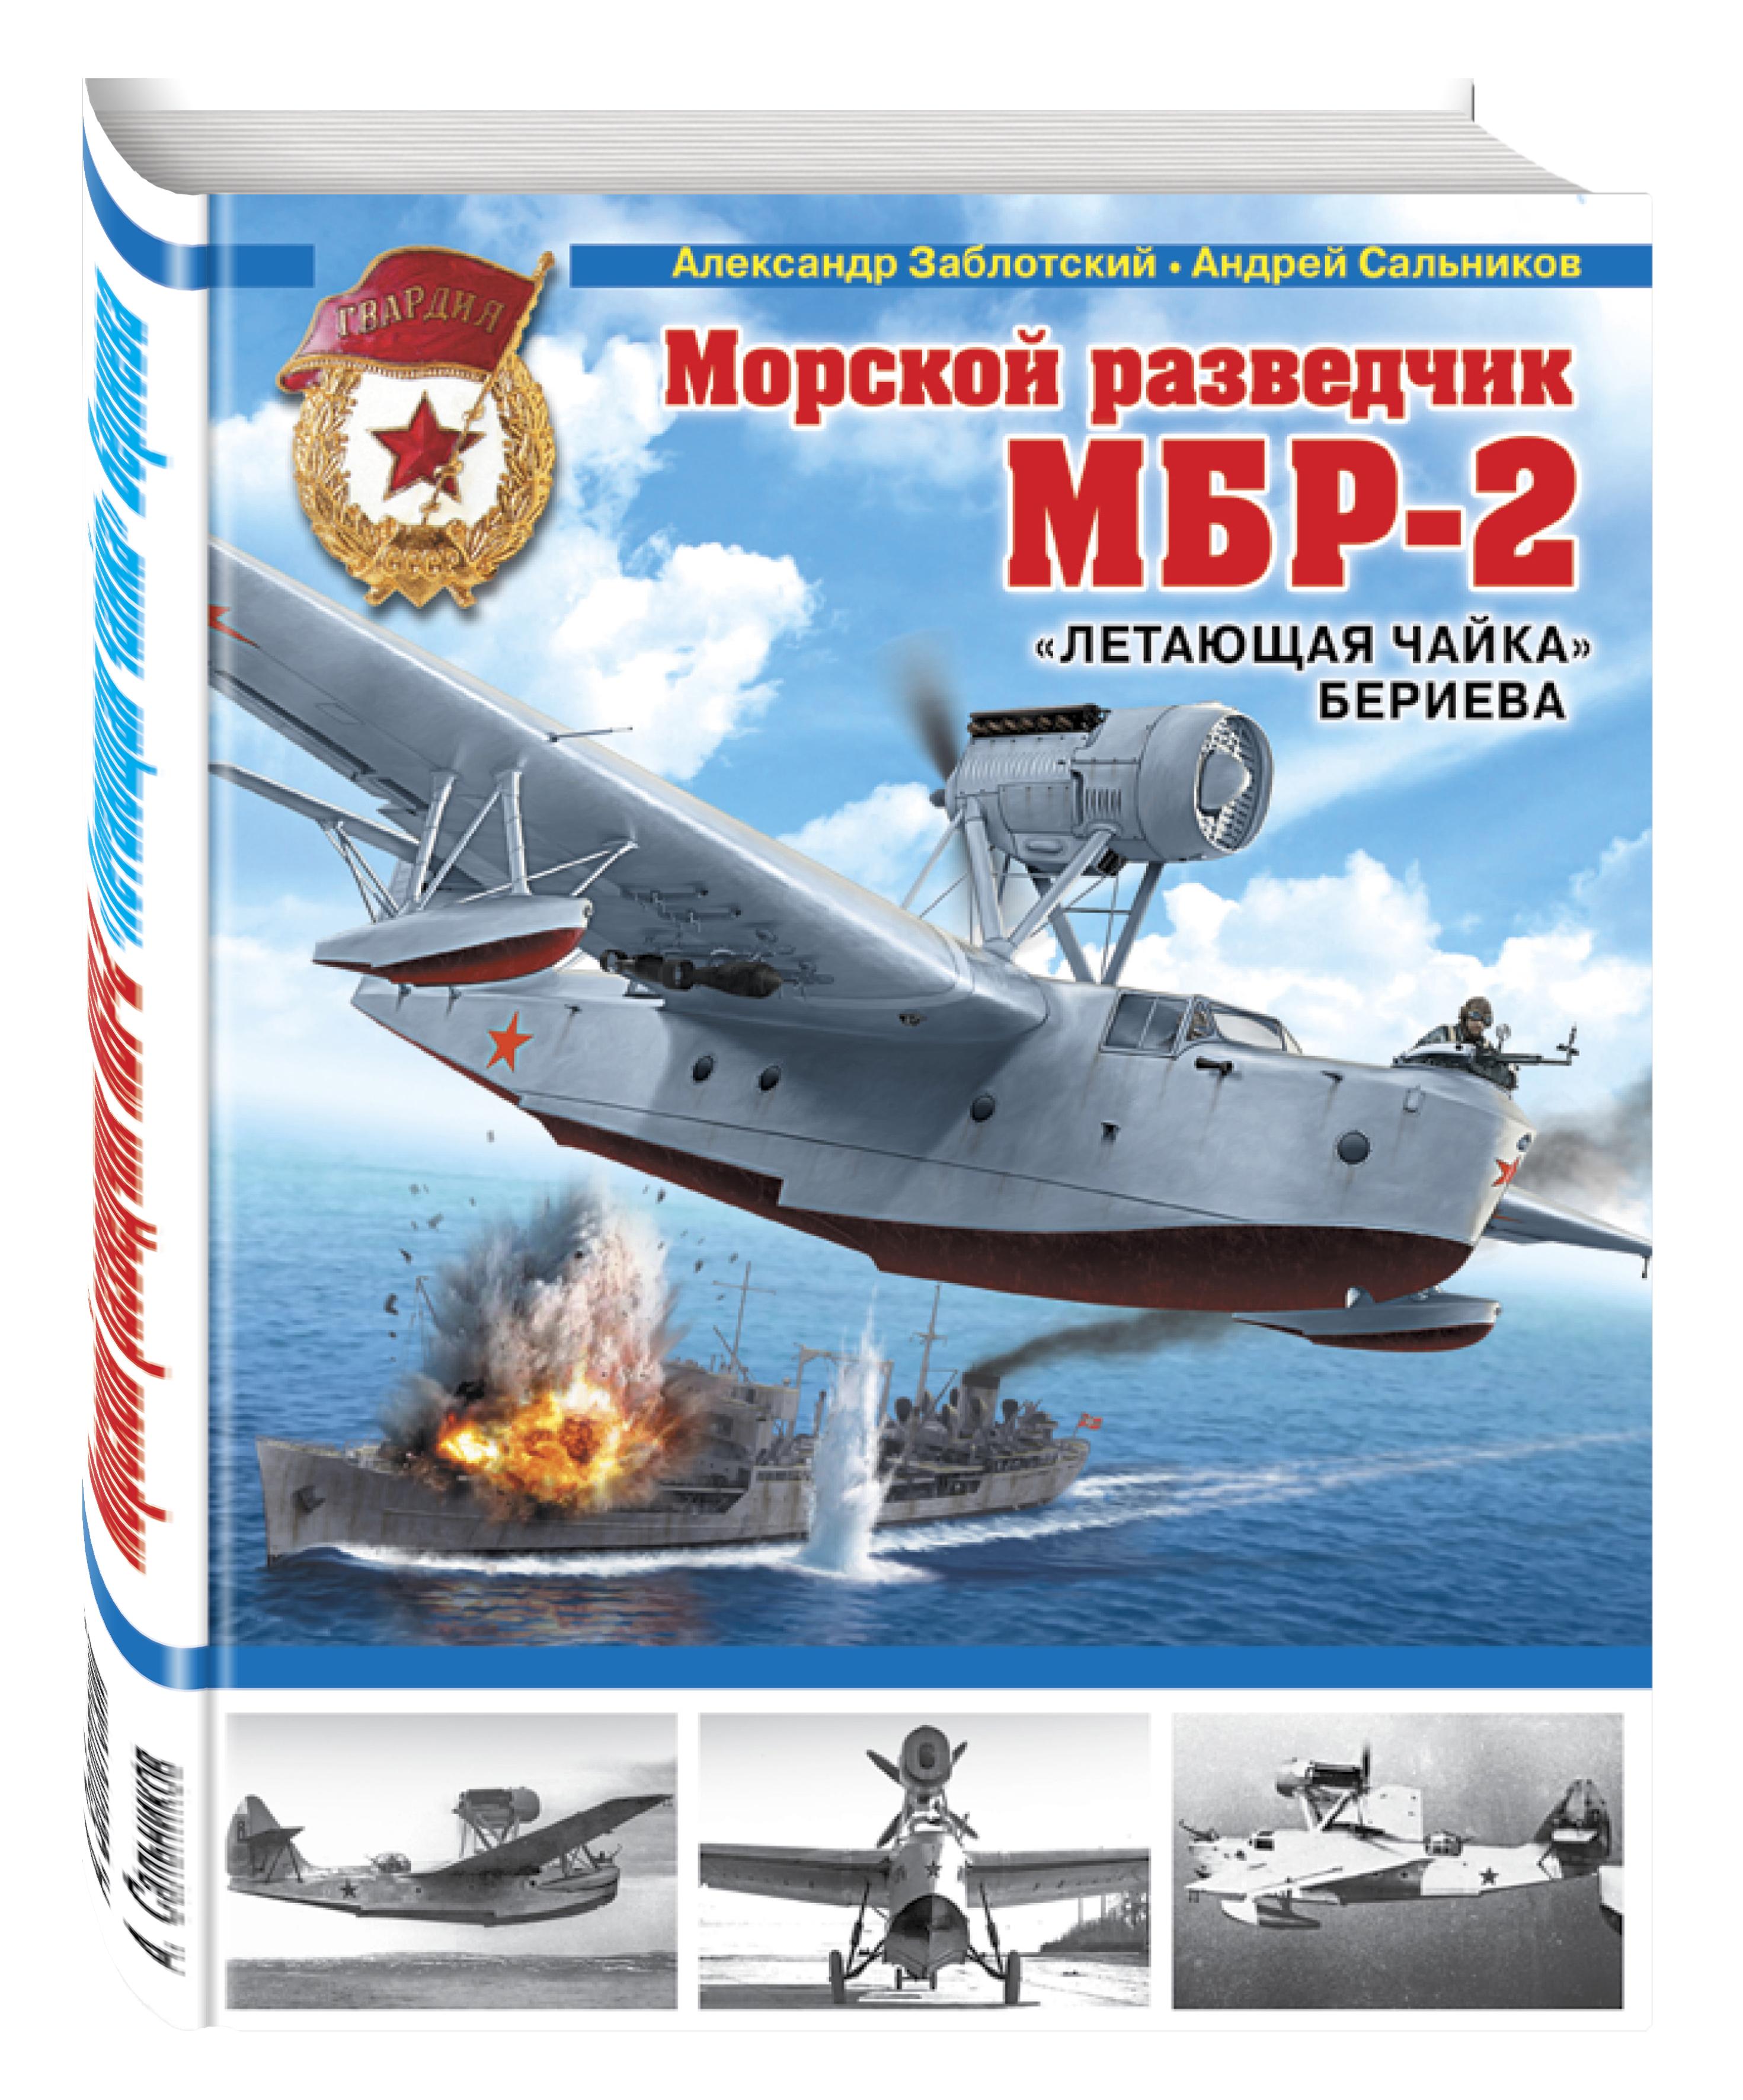 Морской разведчик МБР-2. «Летающая чайка» Бериева